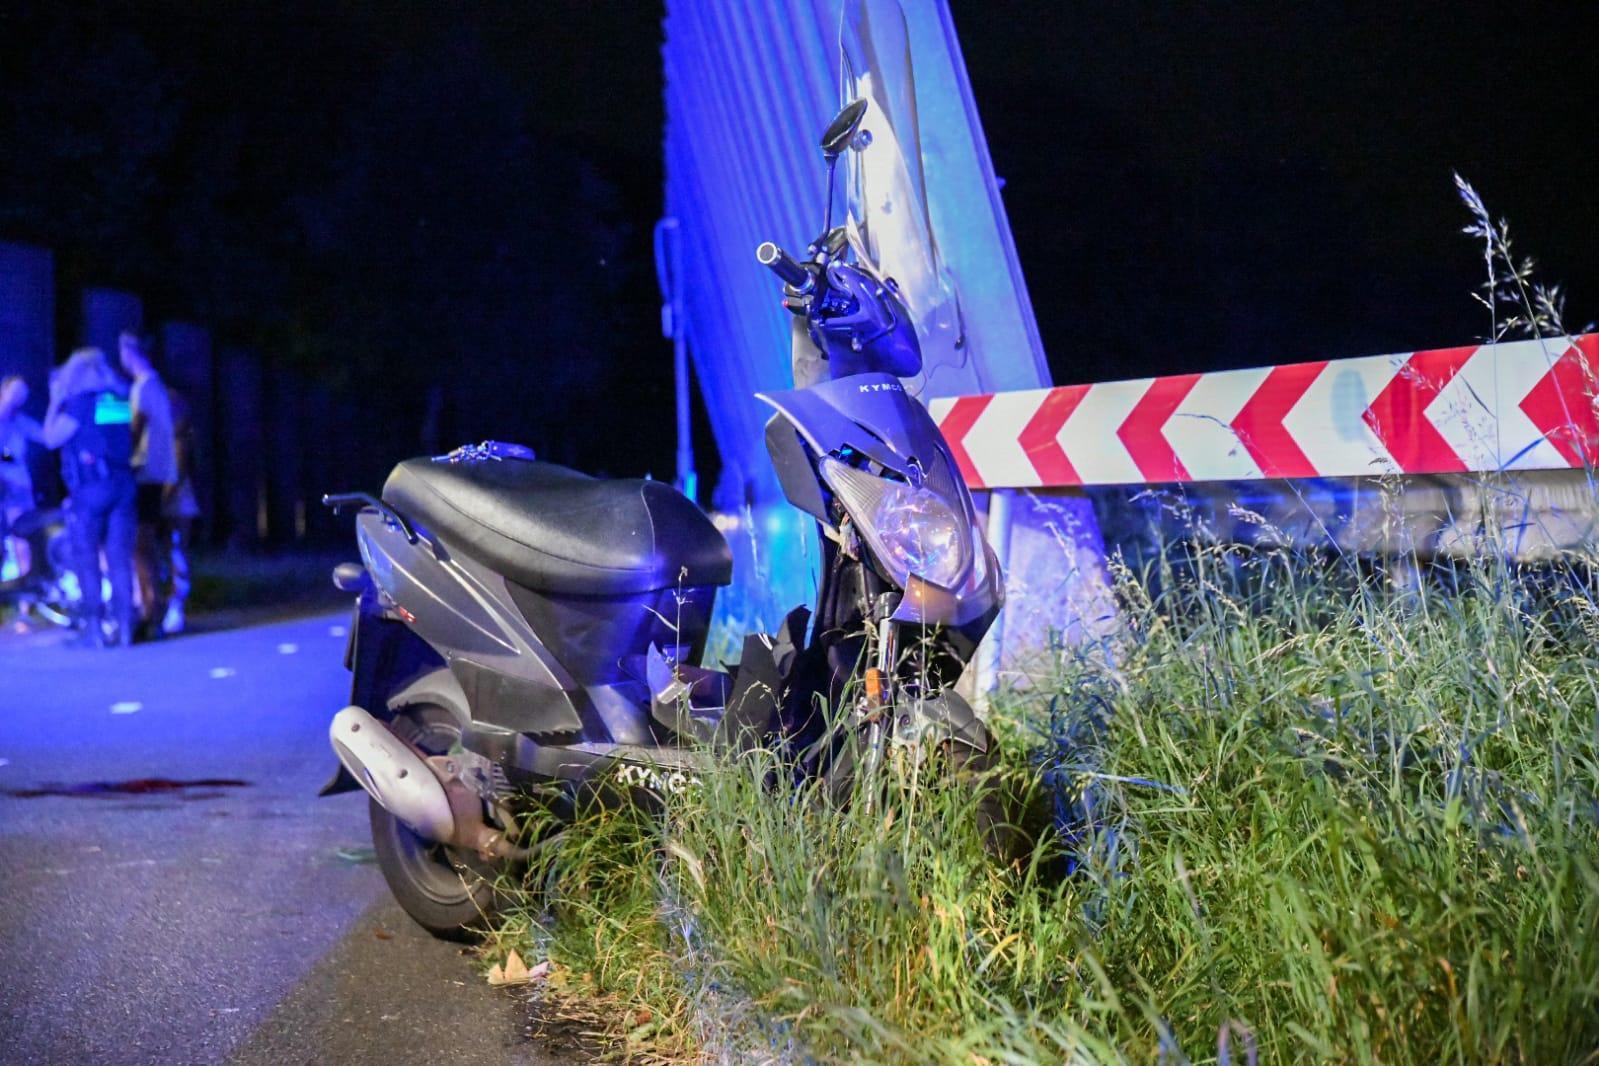 Scooterrijder zwaargewond bij ongeval langs N201 in Hilversum